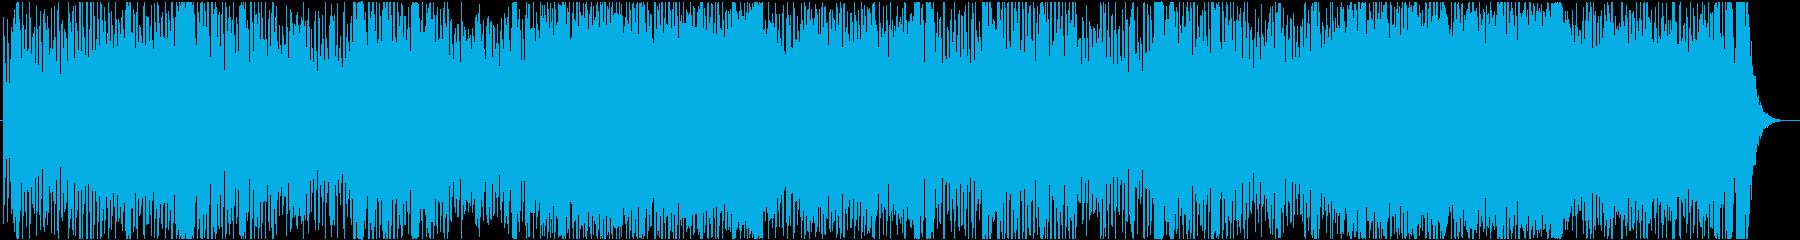 コーラス入りの緊張感ある曲の再生済みの波形